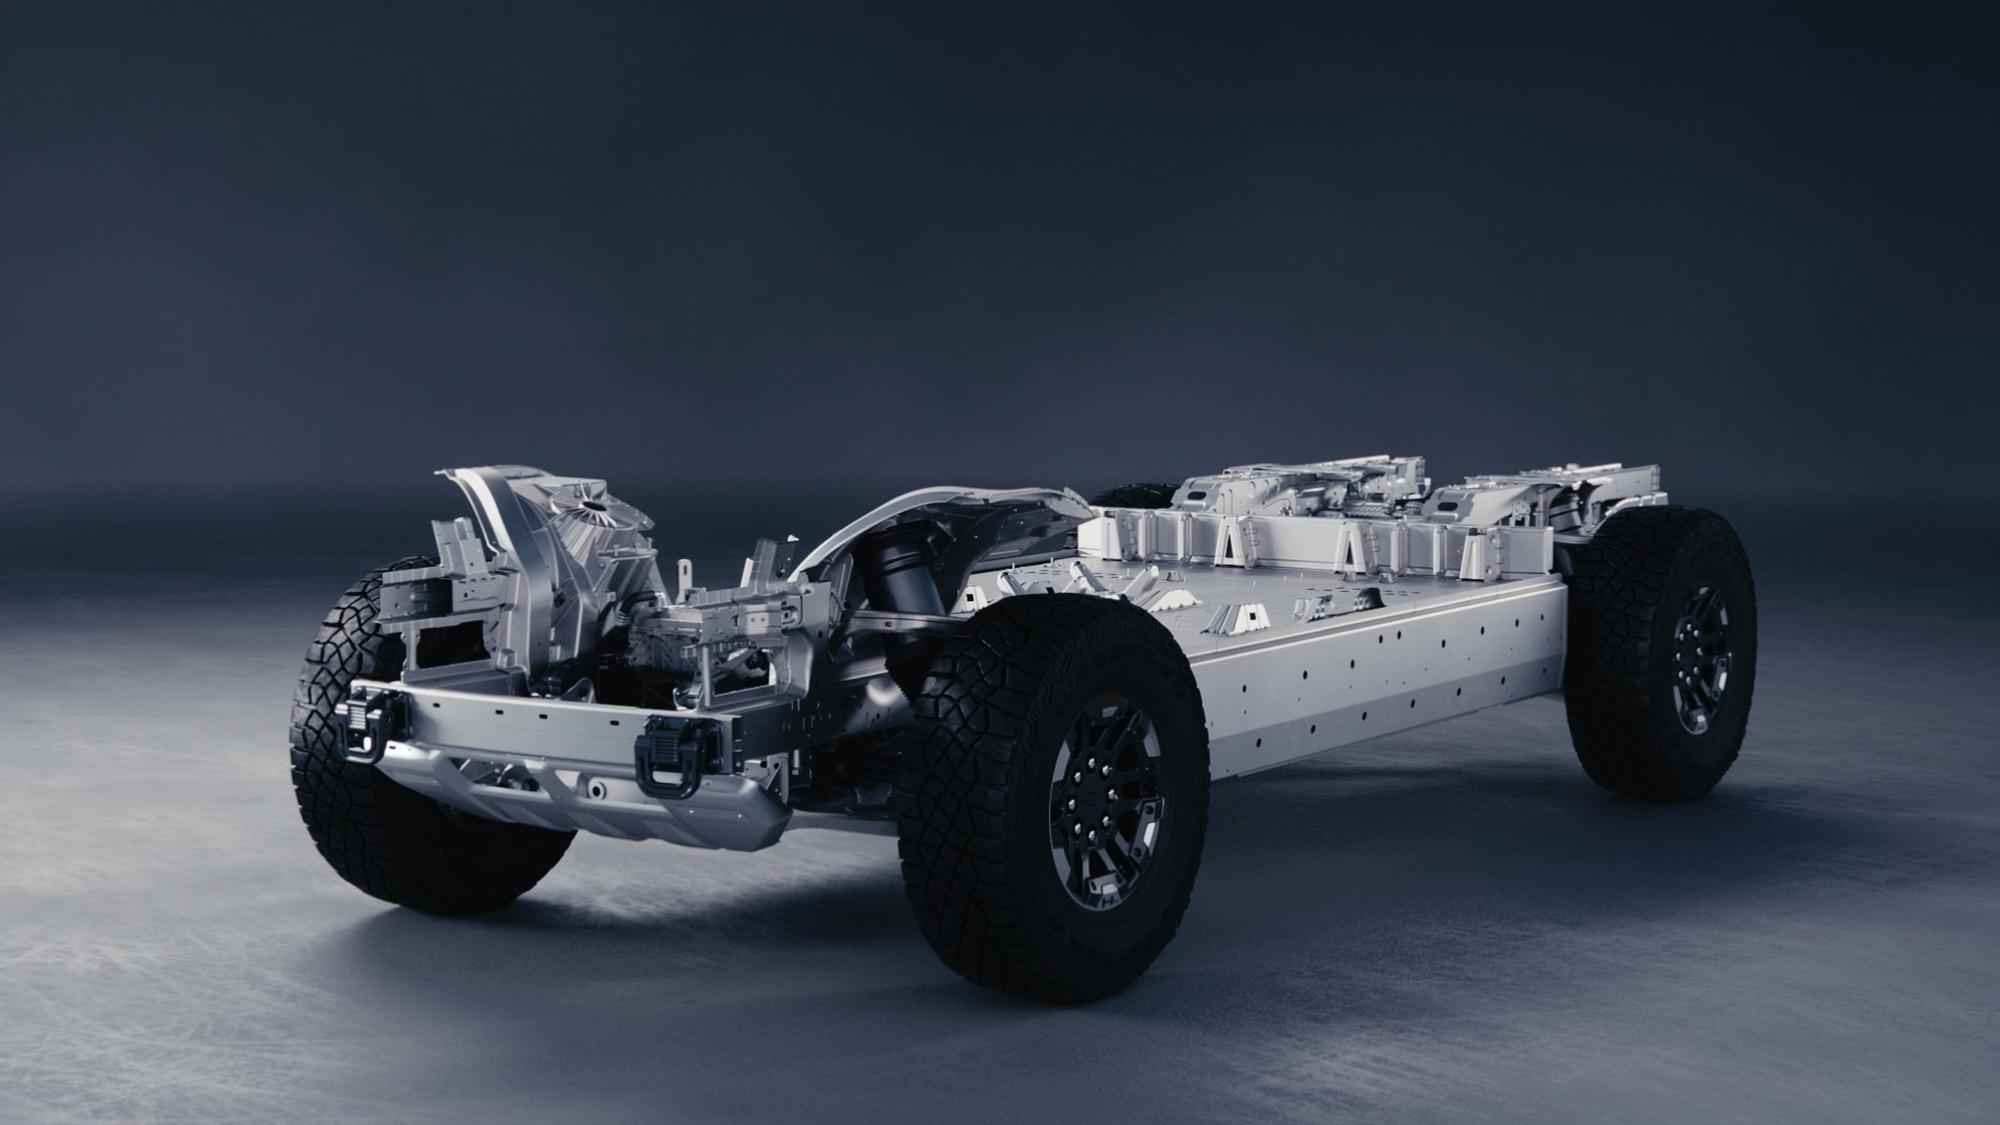 Ultium EV platform - GMC Hummer EV